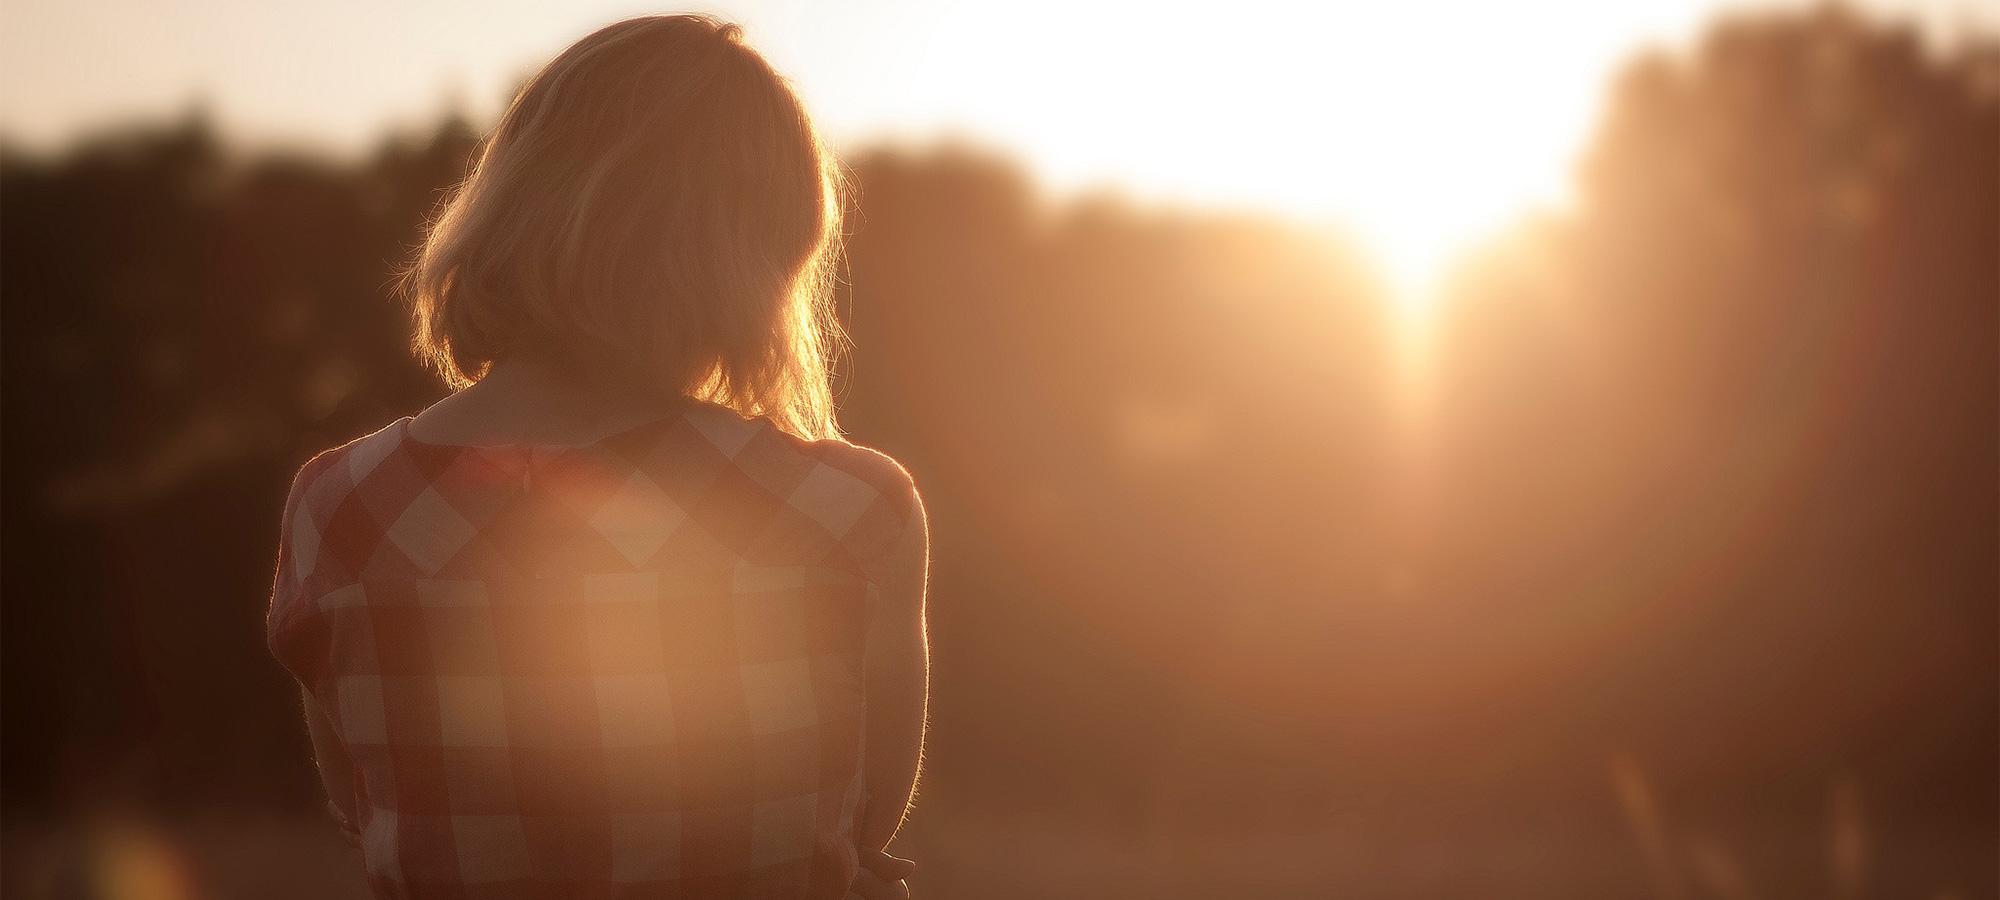 Women-overlooking the sunset at dusk